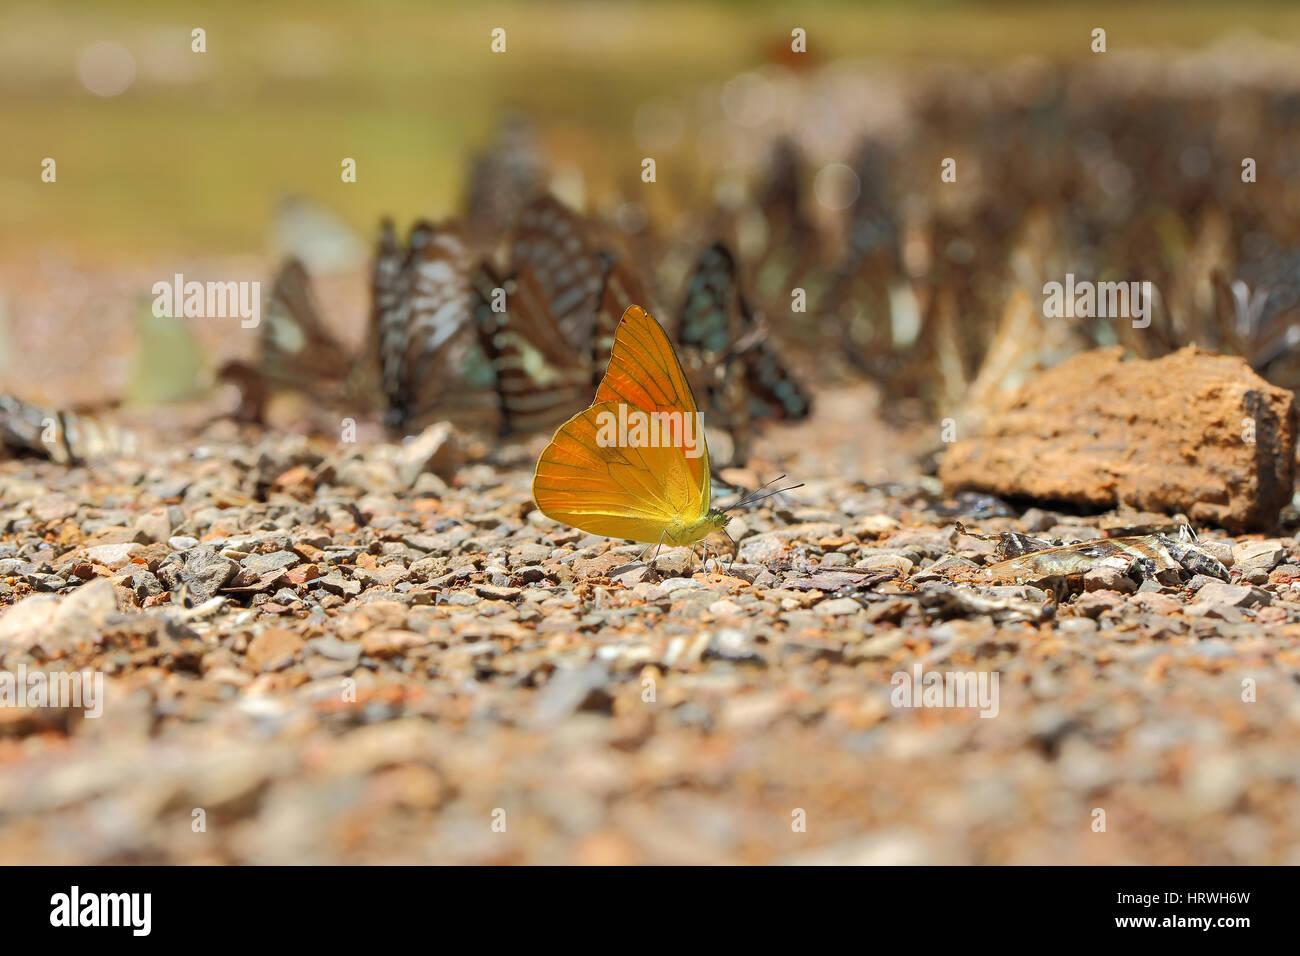 El enfoque selectivo de batterflys amarillo sobre fondo de naturaleza abstracta borrosa. Foto de stock